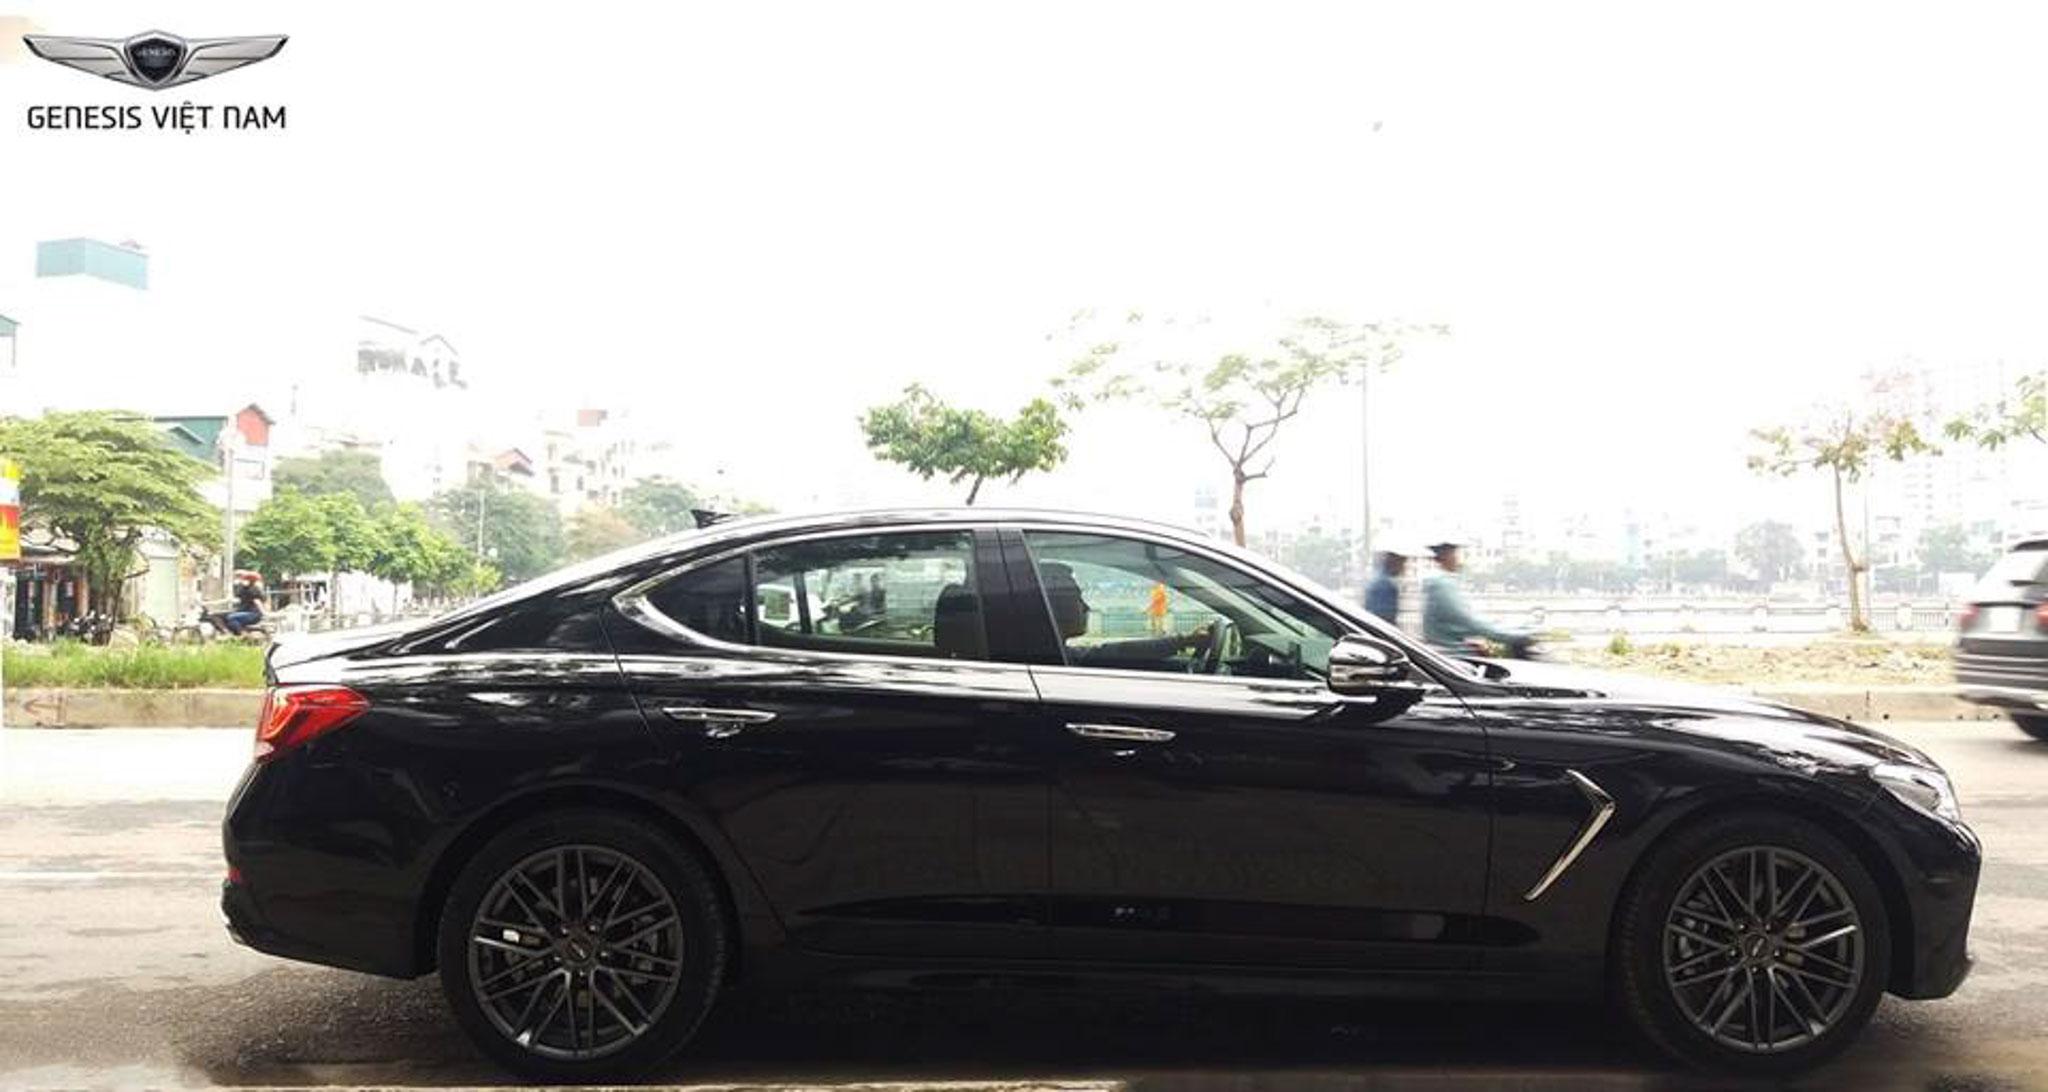 Thị trường xe - Genesis G70 2018 bản cao nhất chốt giá 'sốc' tại Việt Nam (Hình 3).